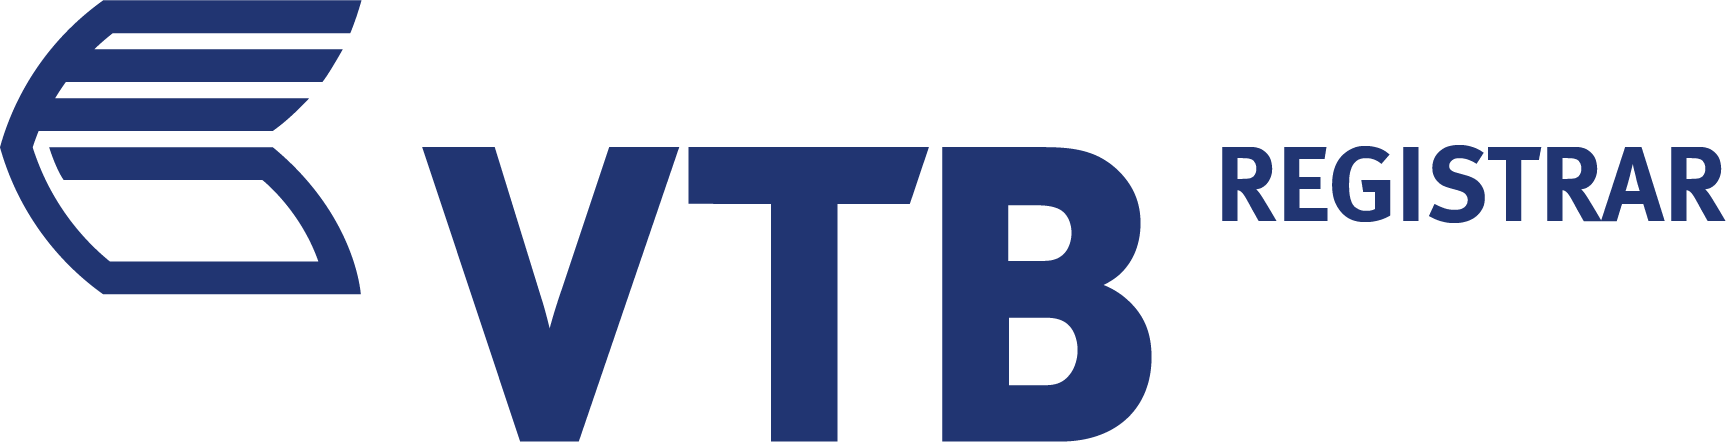 VTB Registrar logo